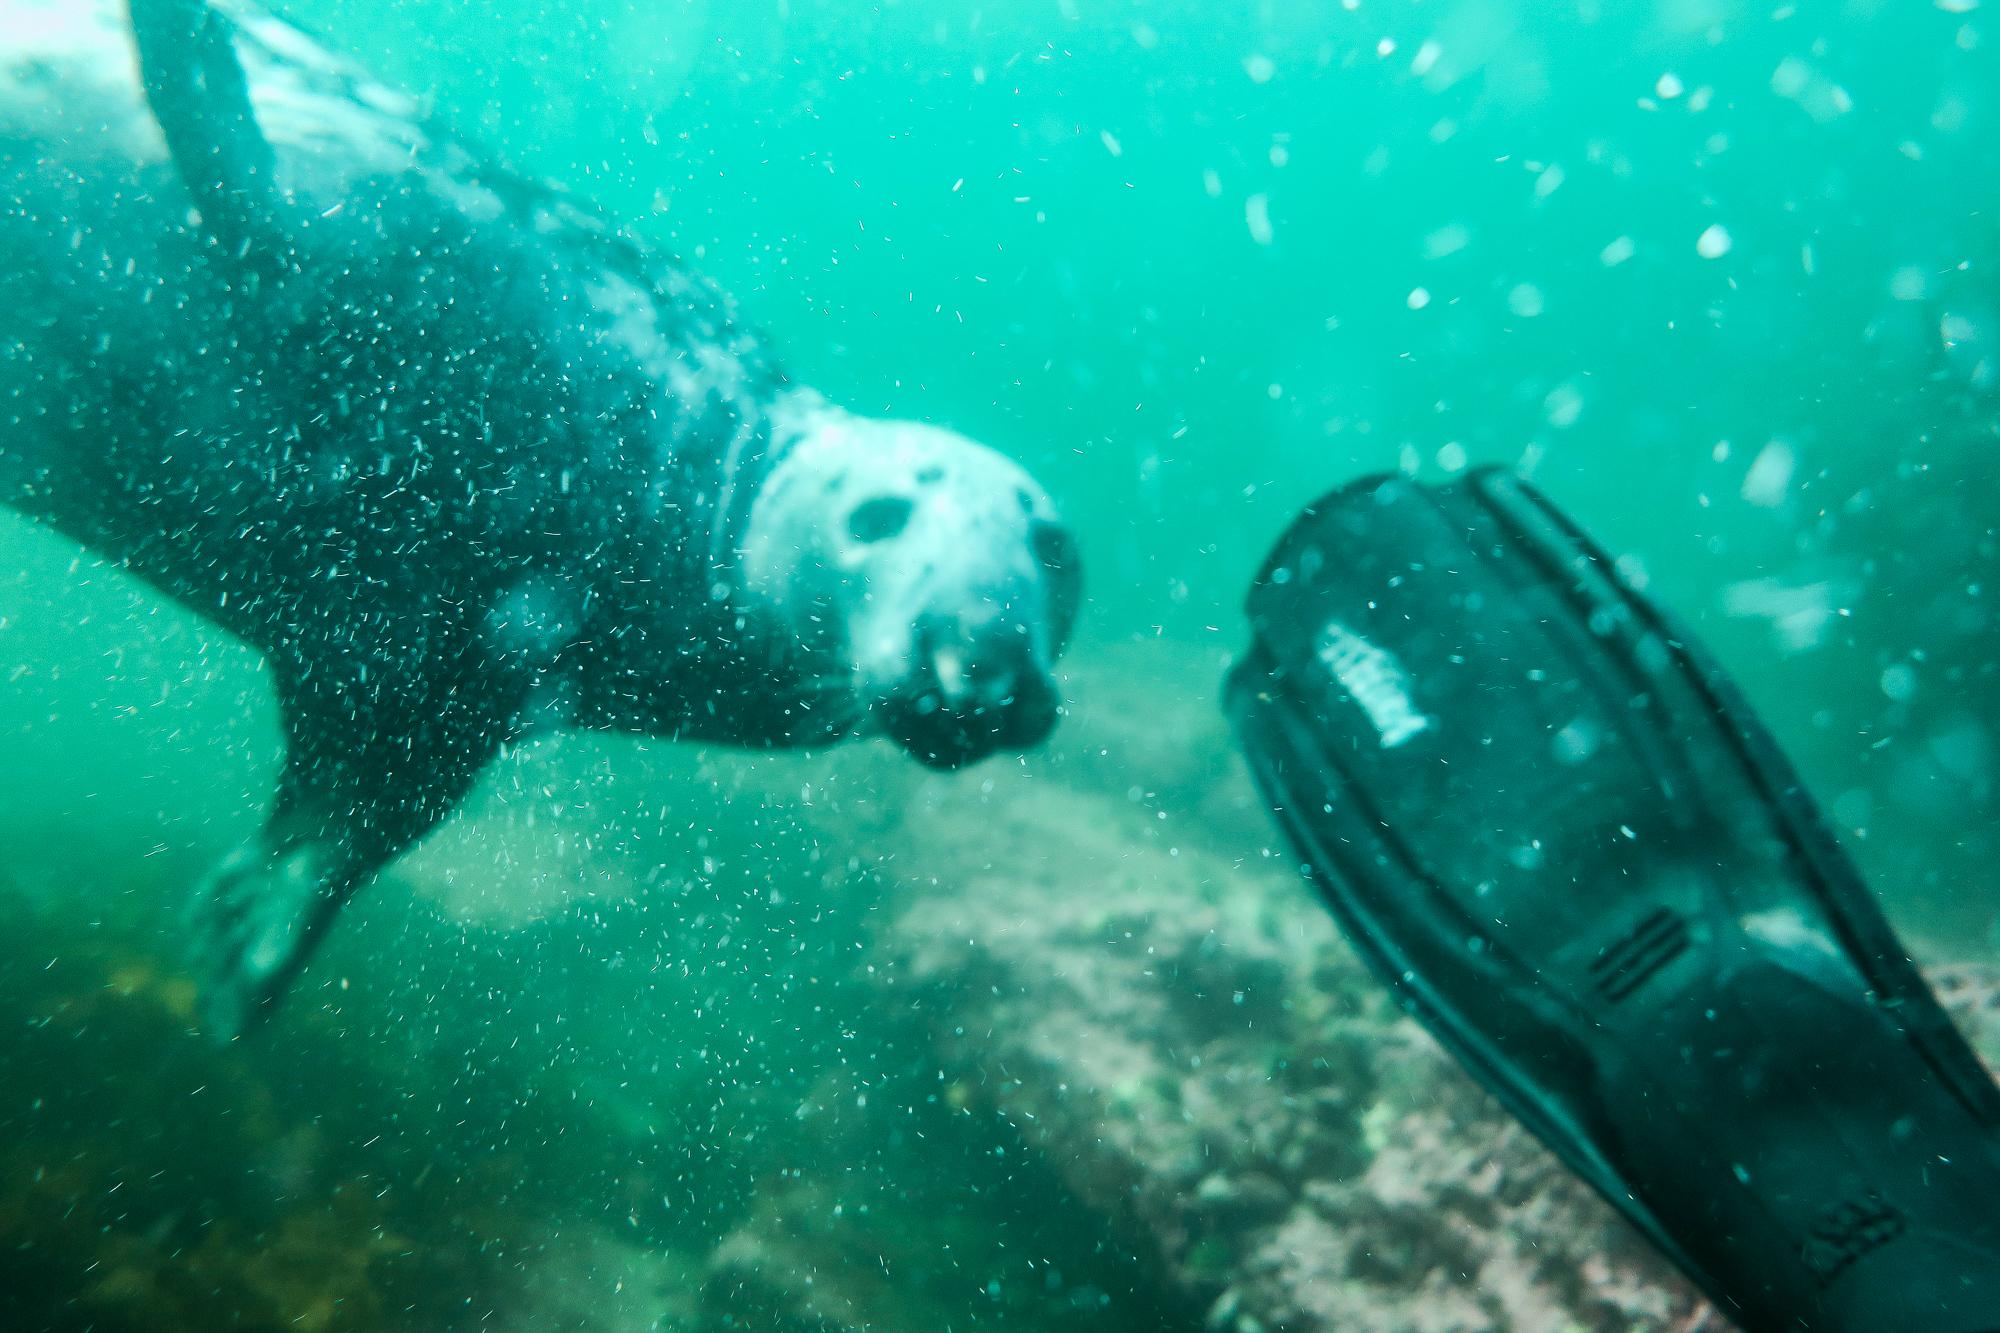 Mon nouveau binôme de plongée, Percé